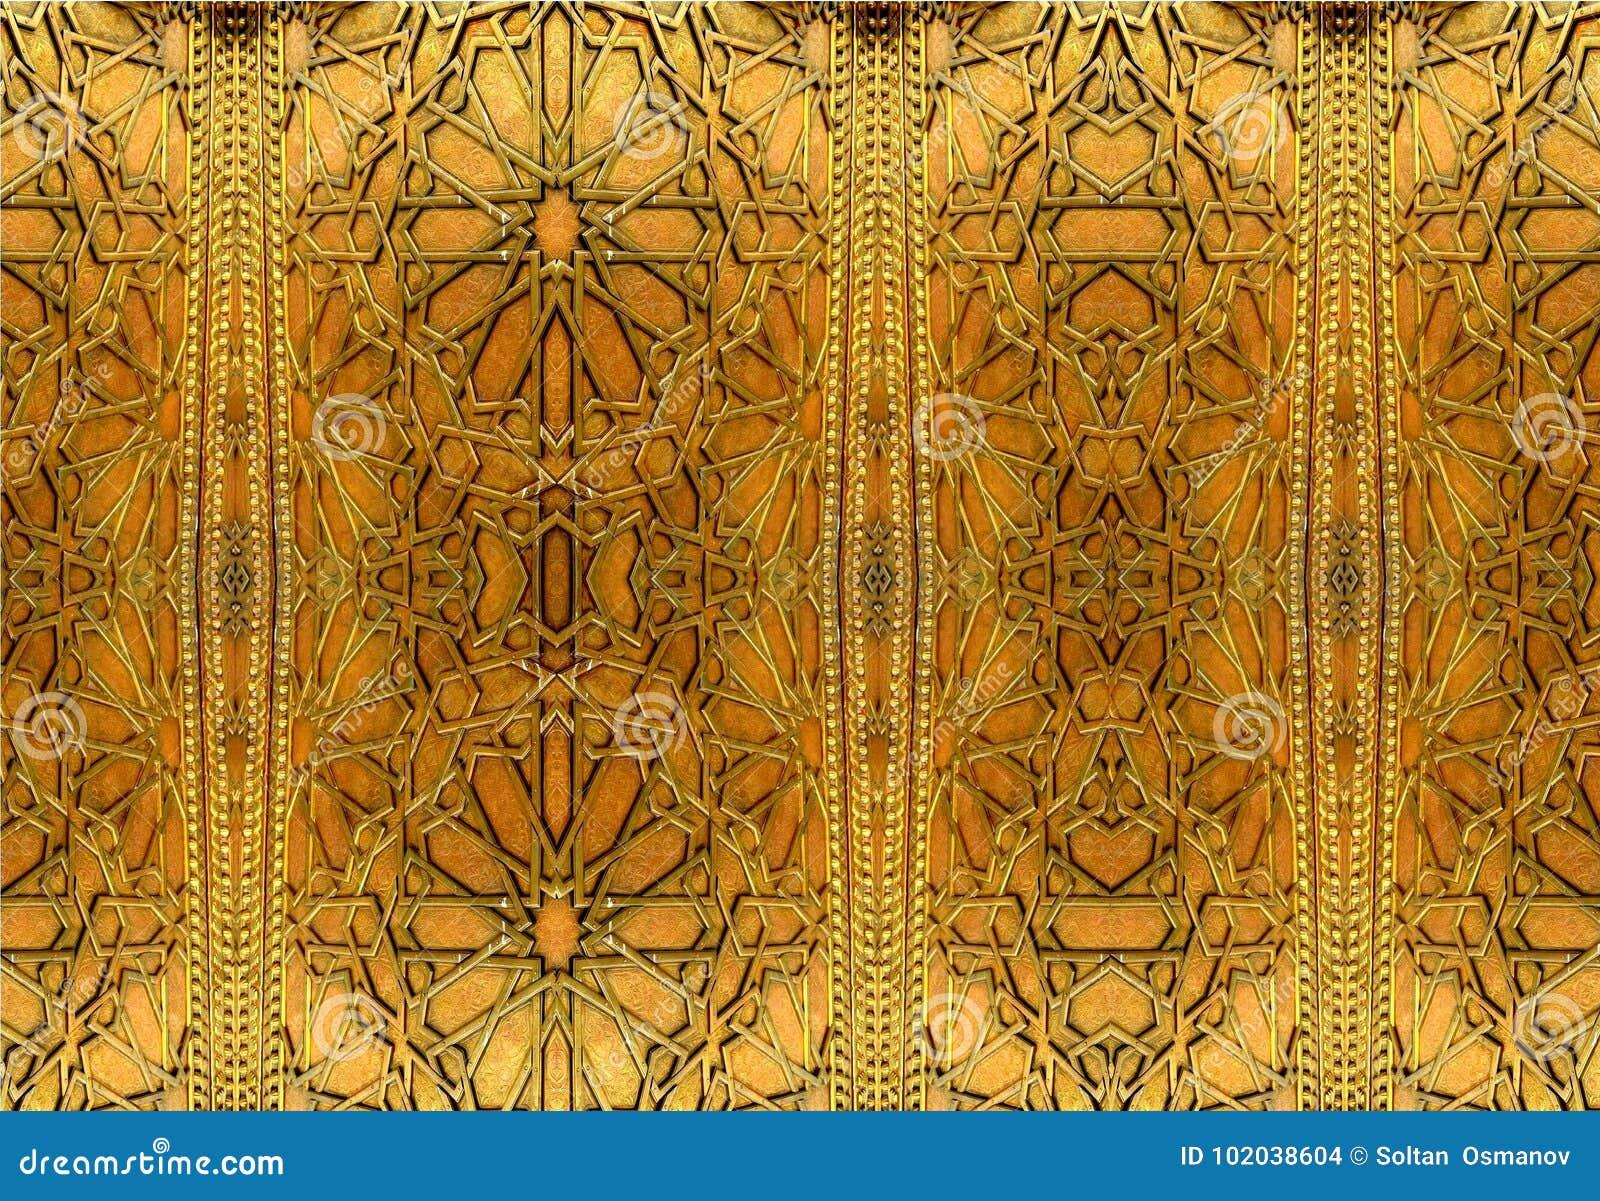 Orientała żelazo projektuje i ornamenty Obraz przedstawia orientalnych wzory na żelaznym drzwi